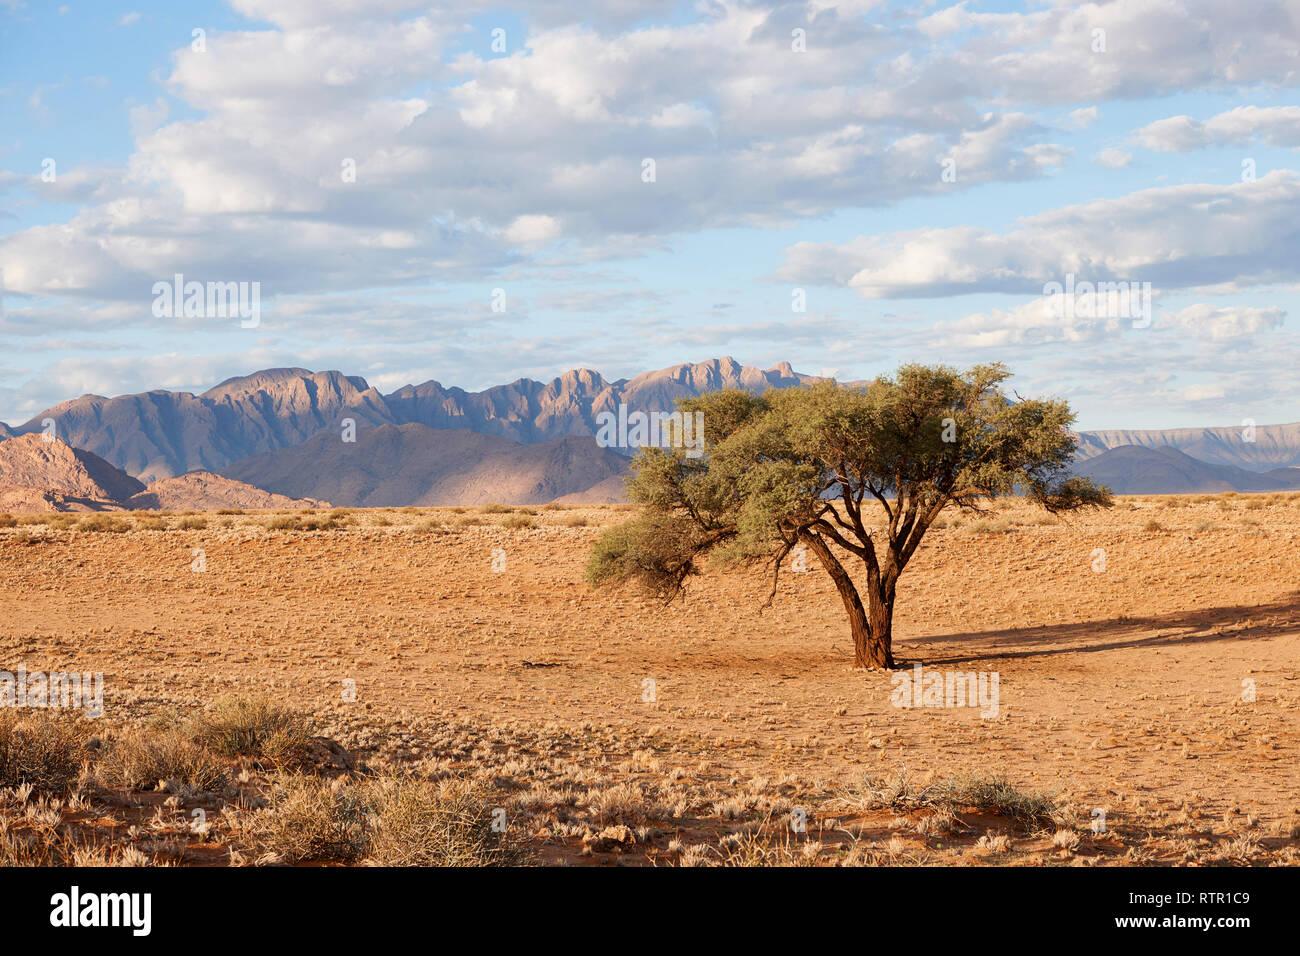 Namibian landscape with tree - Stock Image